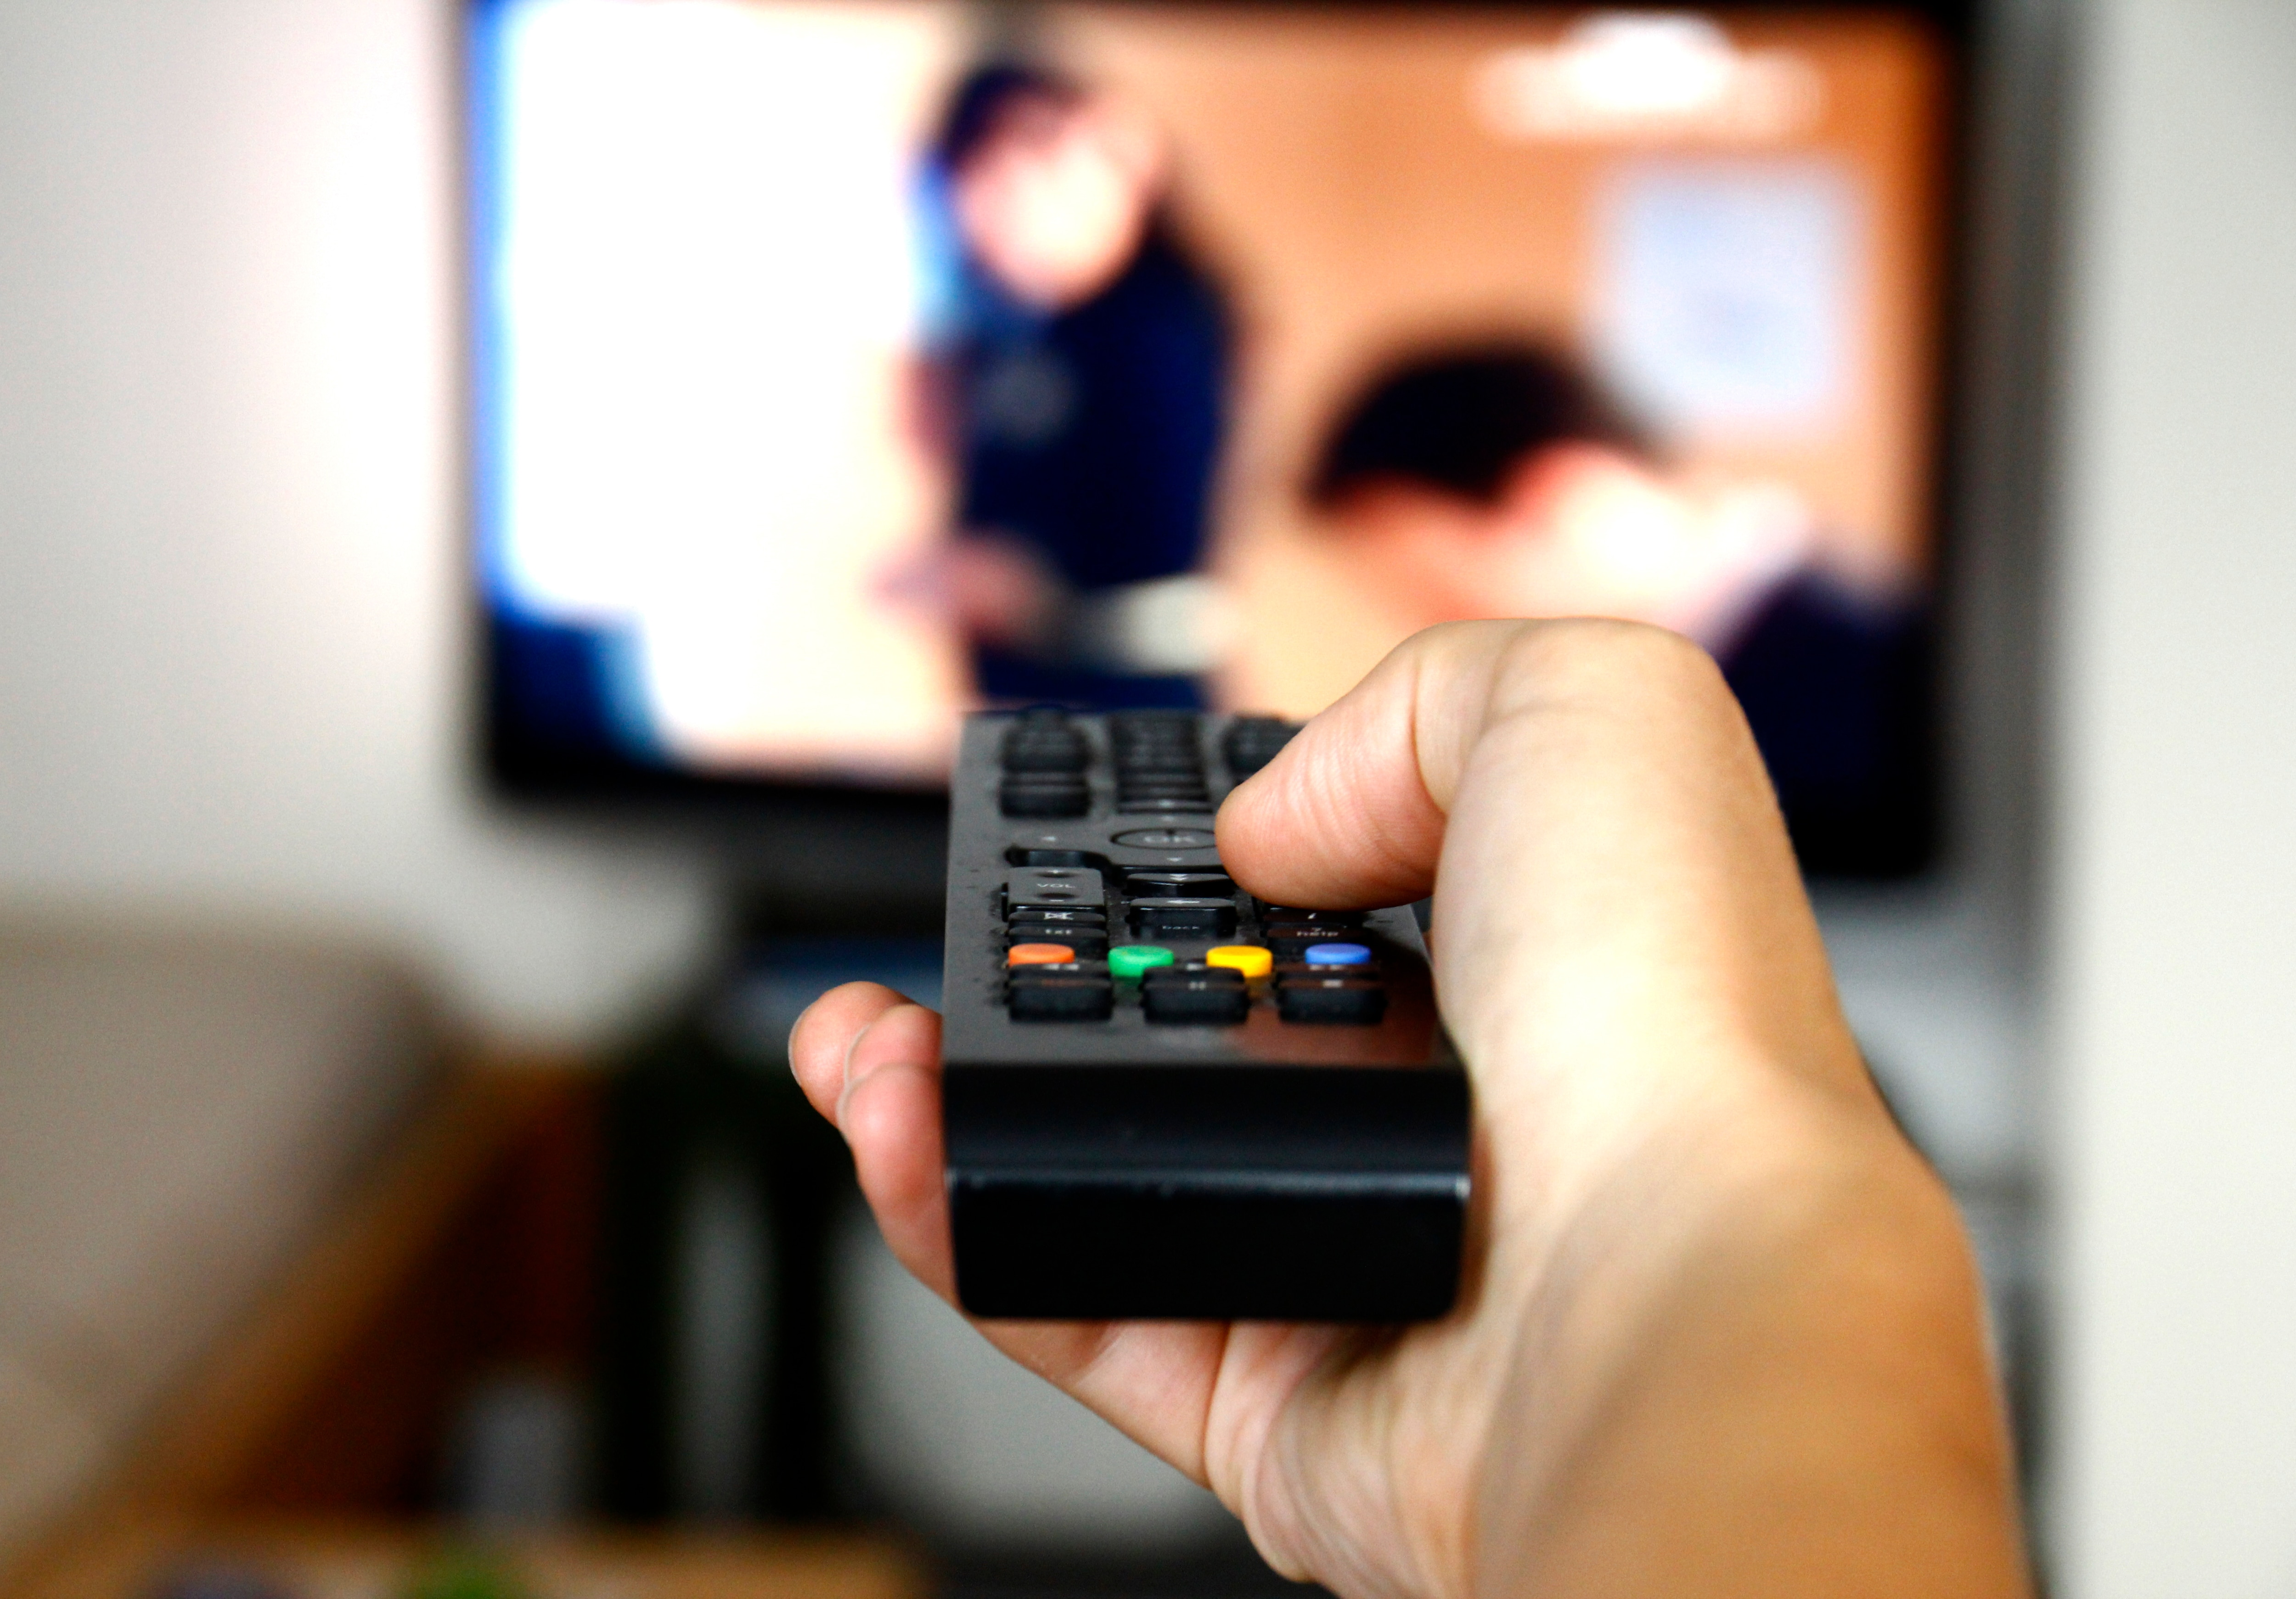 TV-Dose liegt ungünstig? So verteilen Sie das Fernsehsignal kabellos